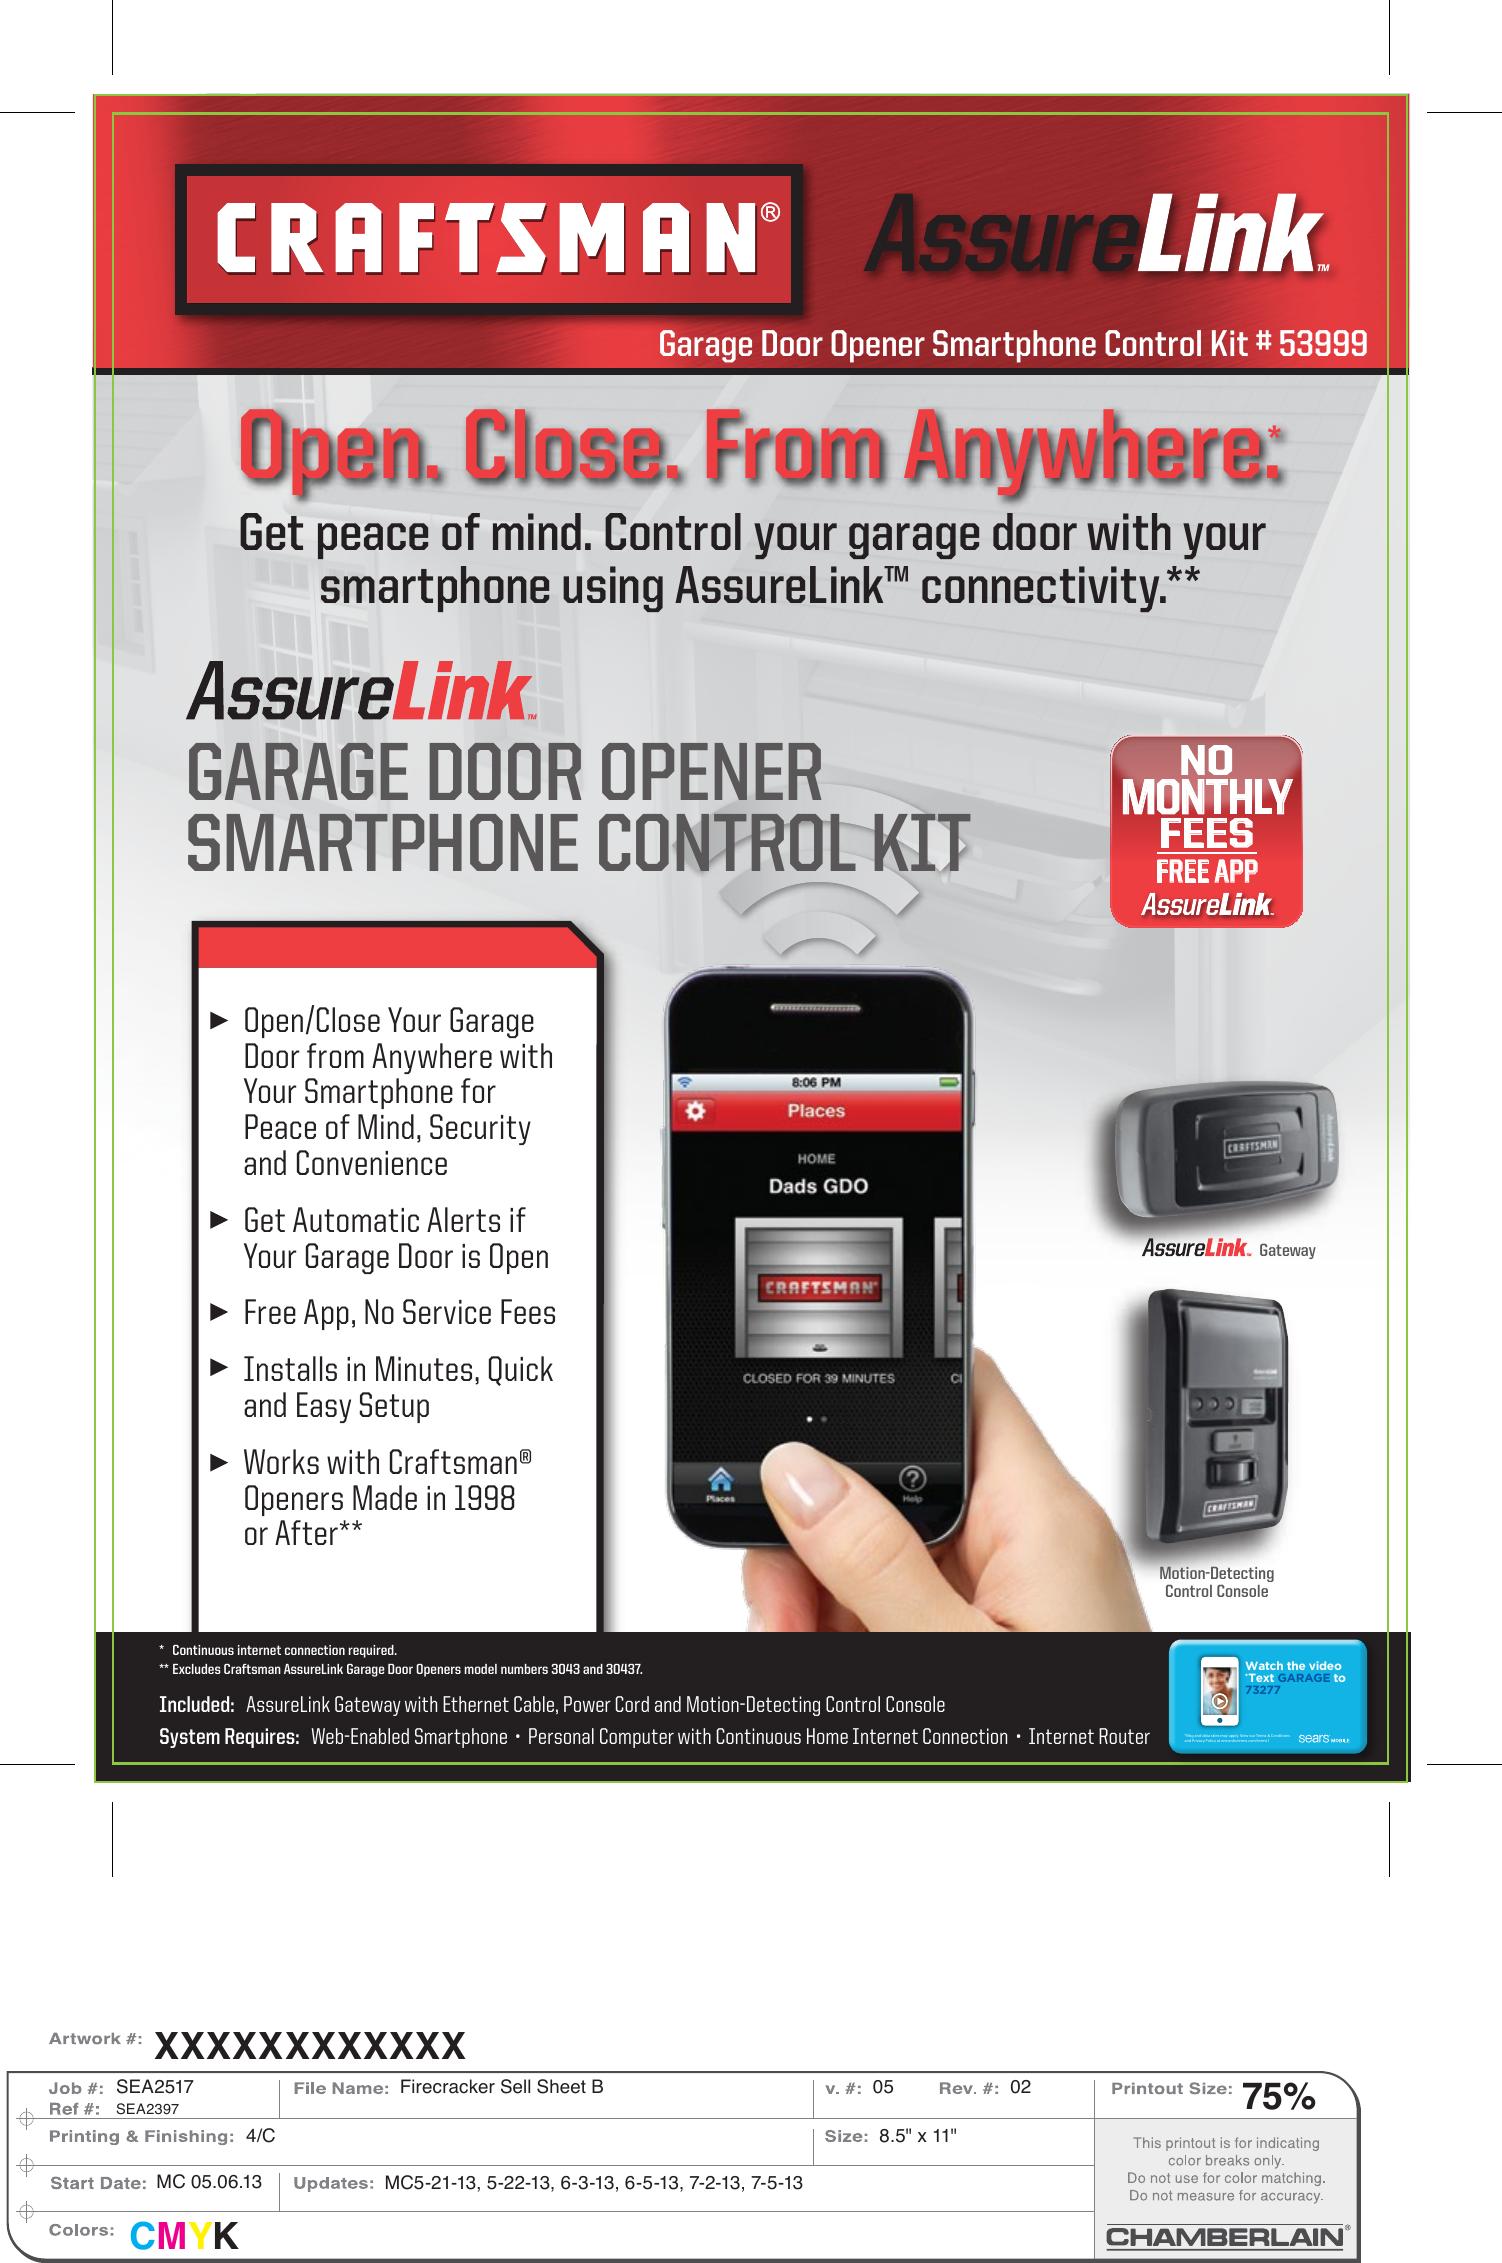 Craftsman Assurelink Garage Door Opener Smartphone Control